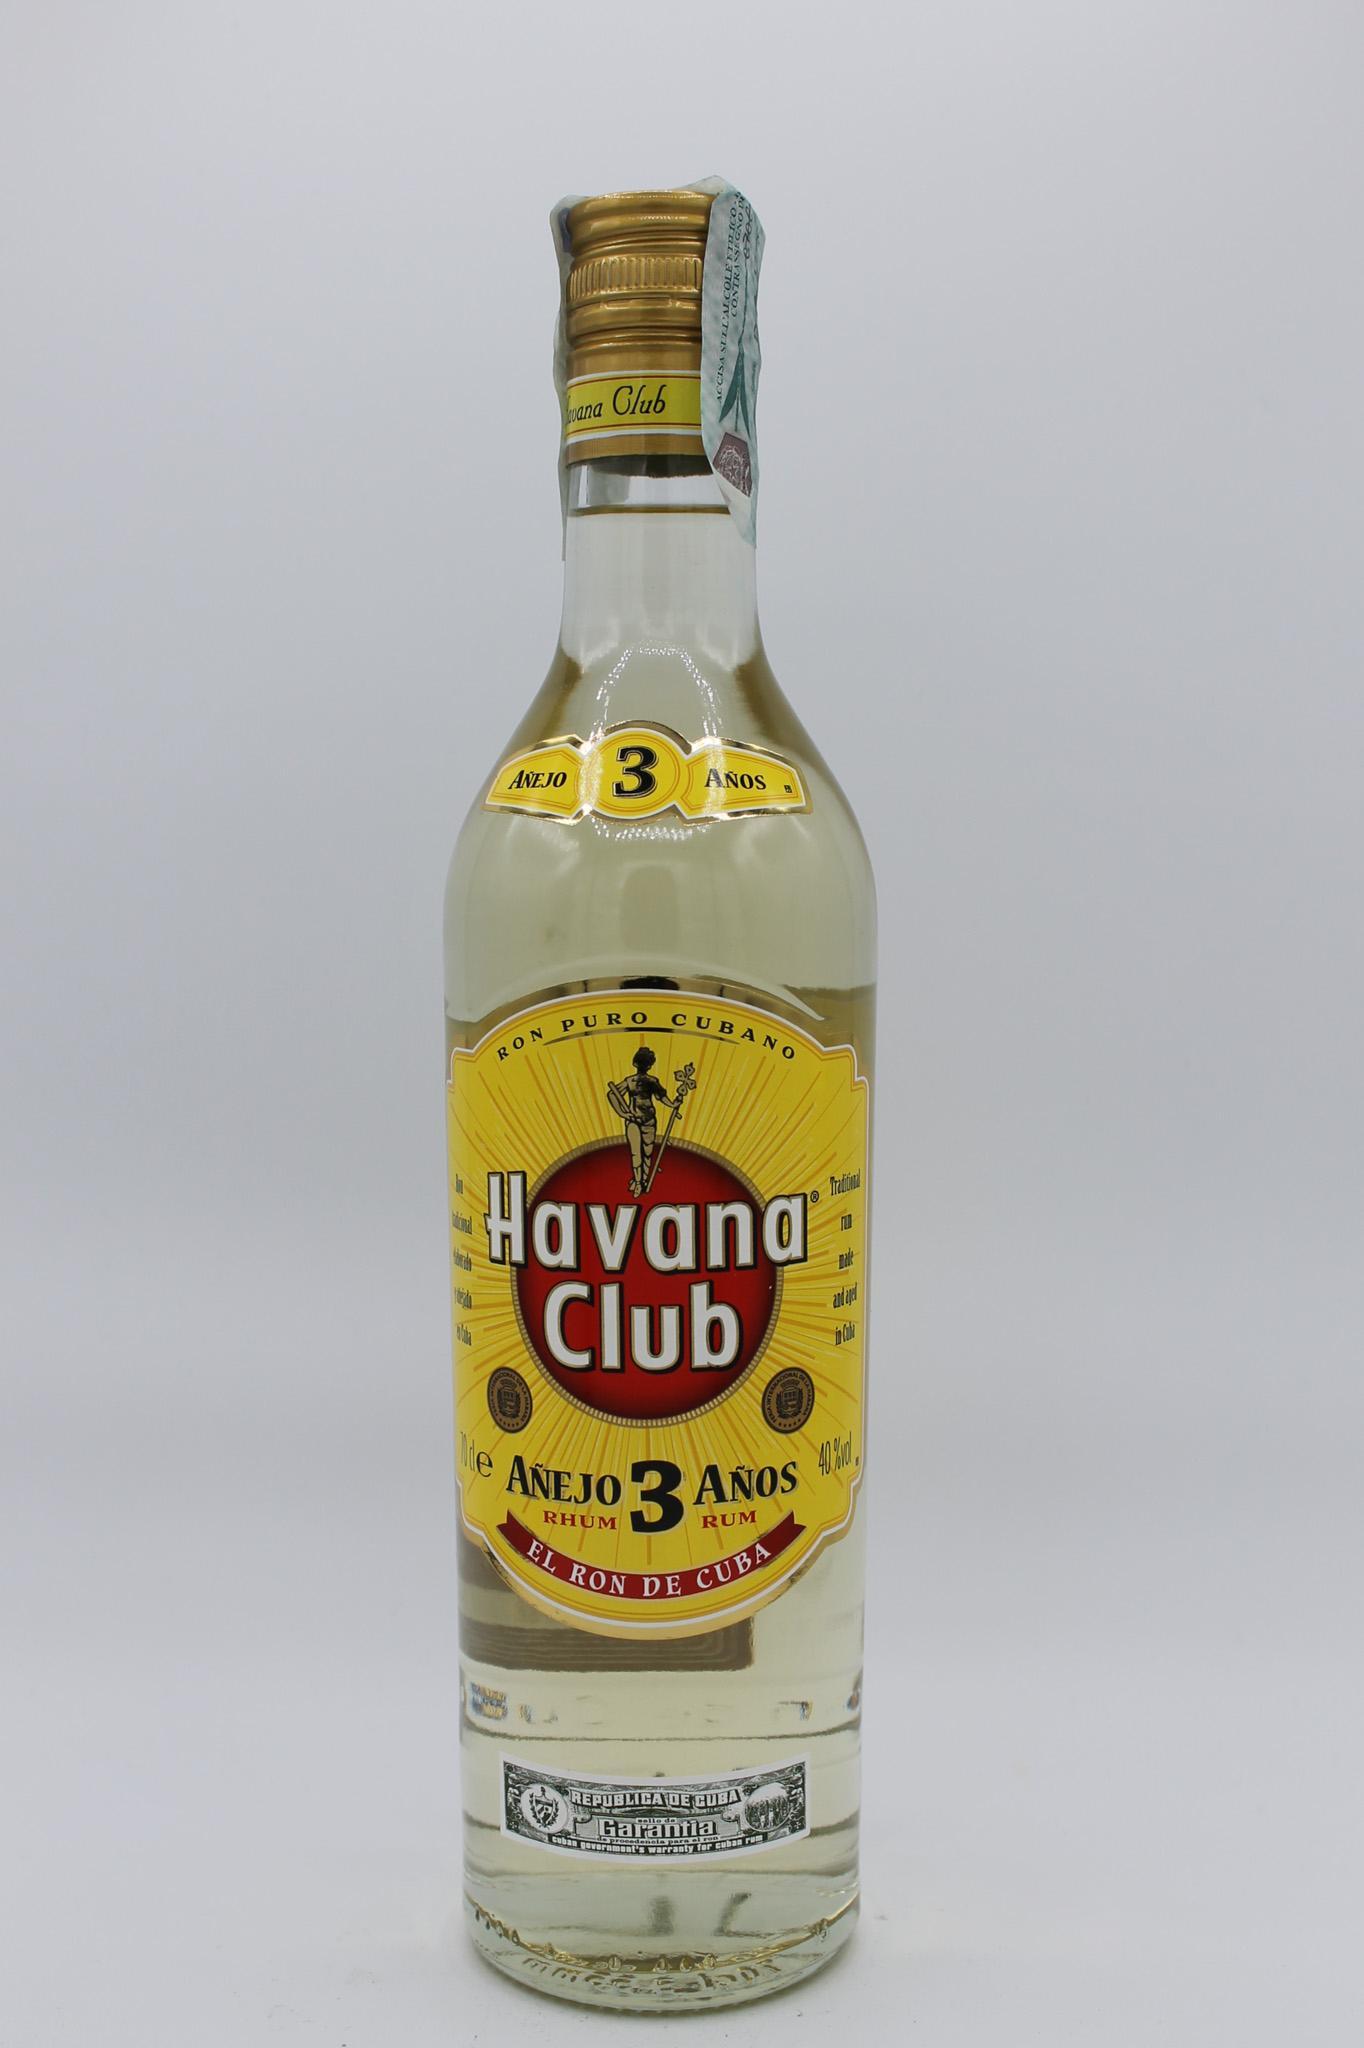 Havana Club Rhum 3 anni 700ml.